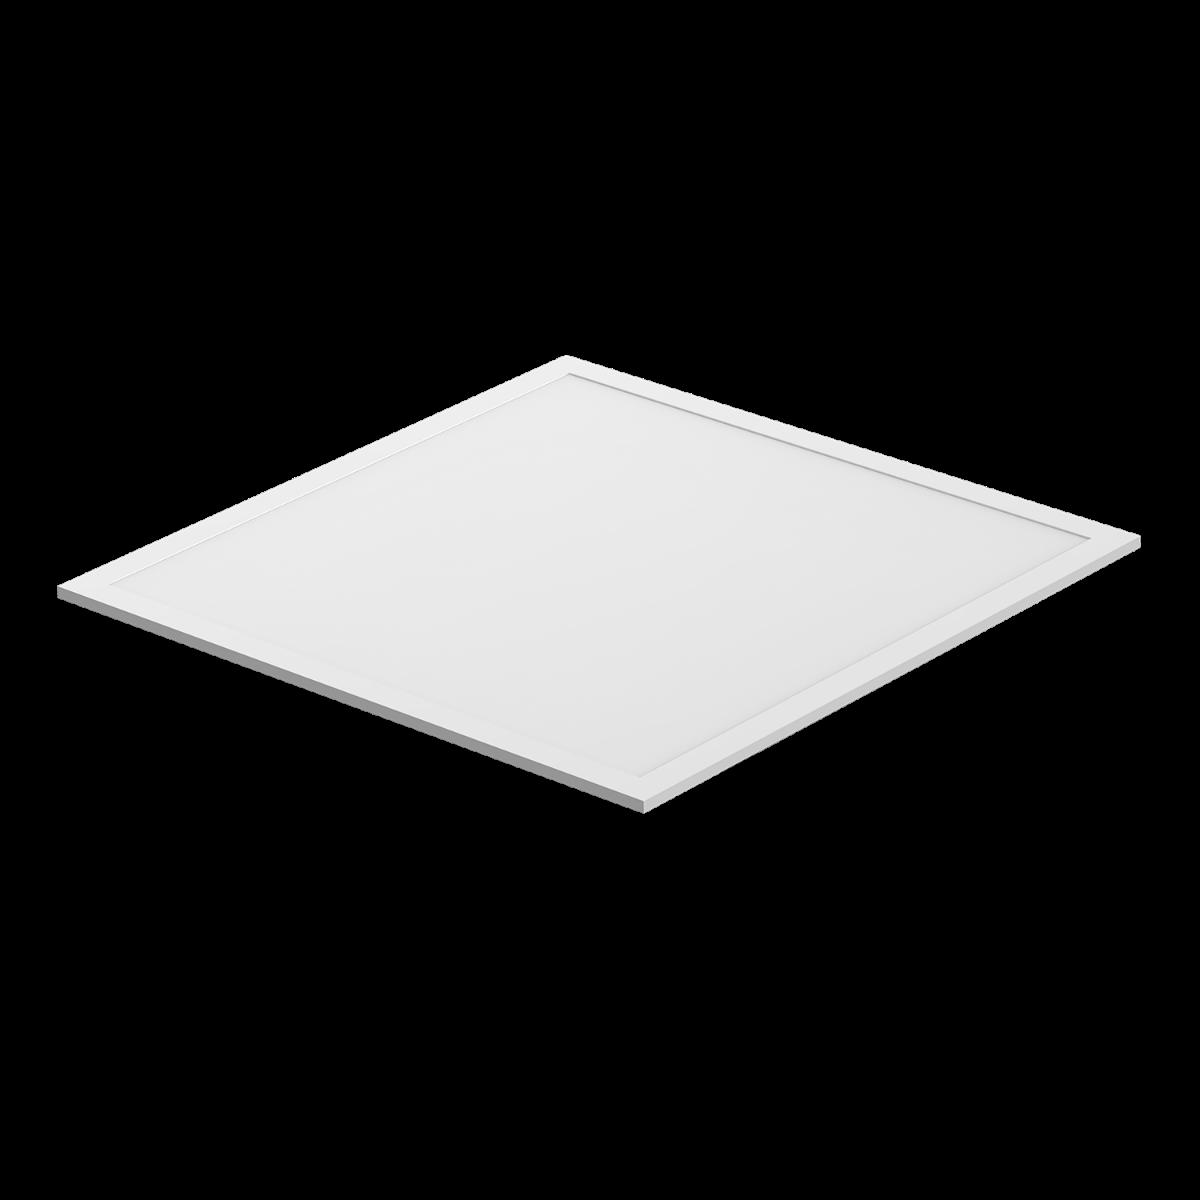 Noxion LED panel Econox 32W 60x60cm 3000K 3900lm UGR <22 | varm hvit - erstatter 4x18W